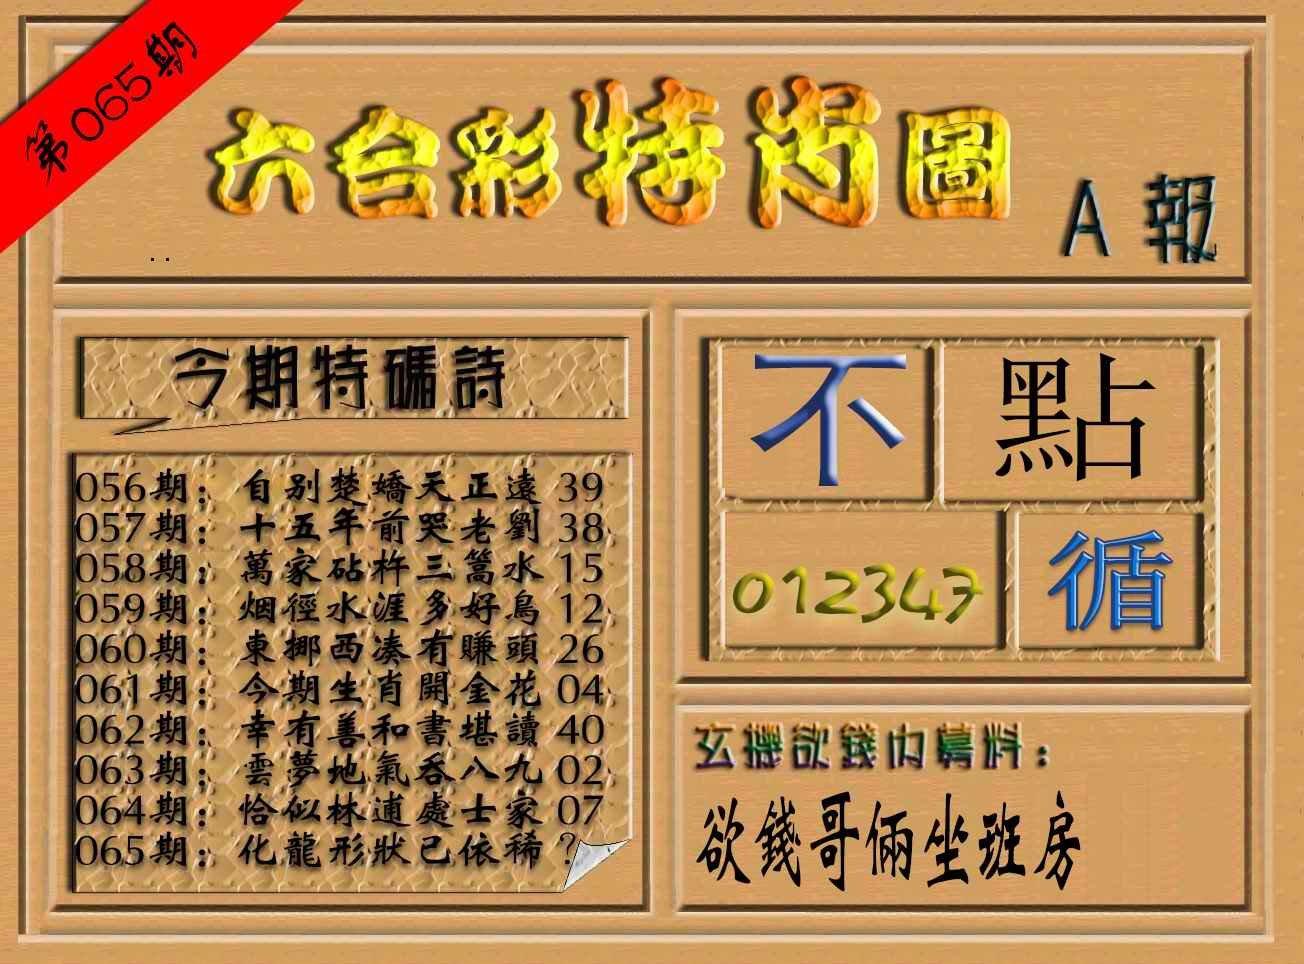 065期六合彩特肖图(A报)